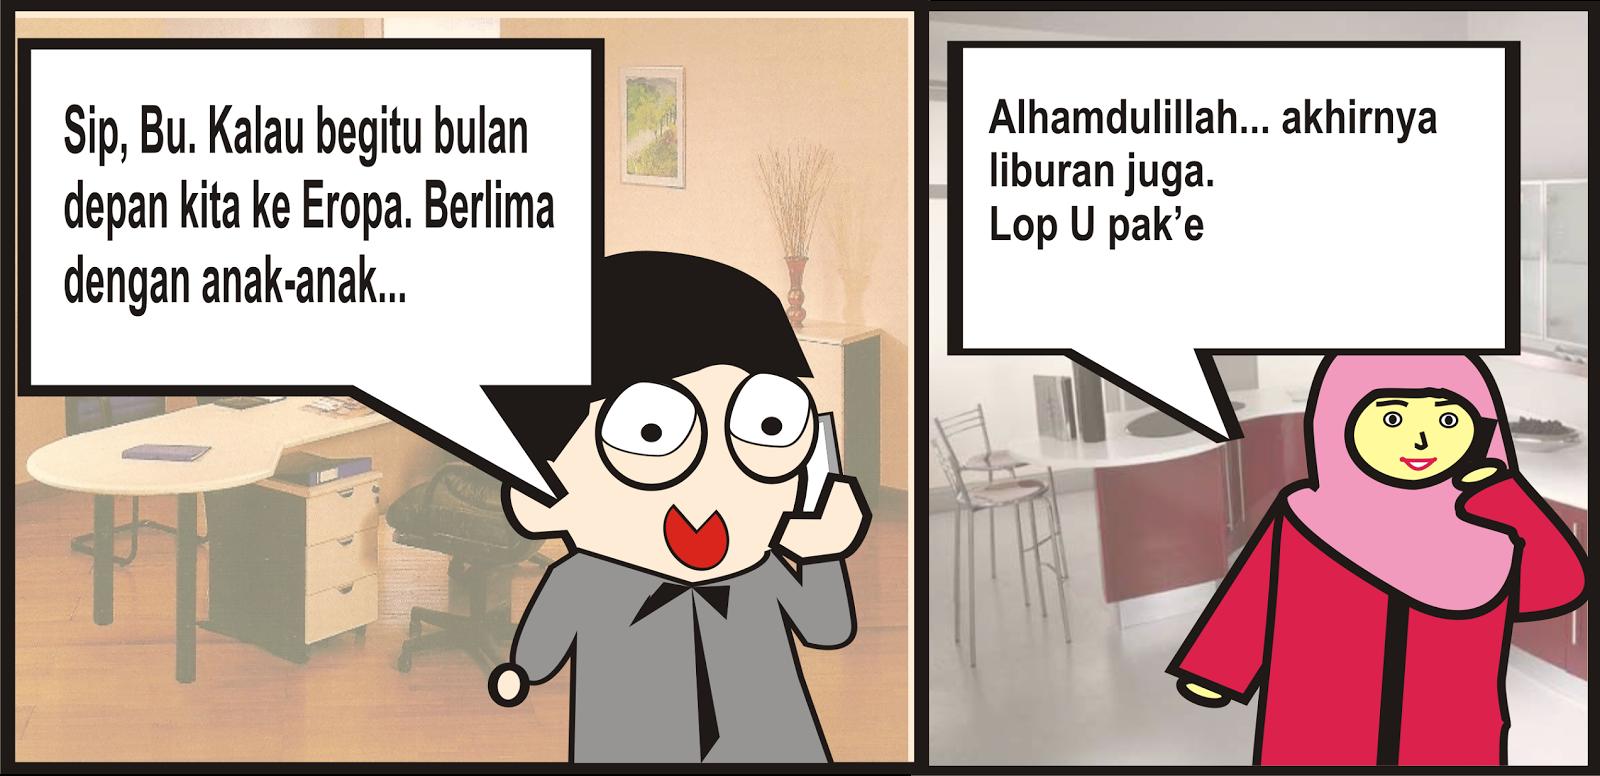 cheia-travel wisata muslim